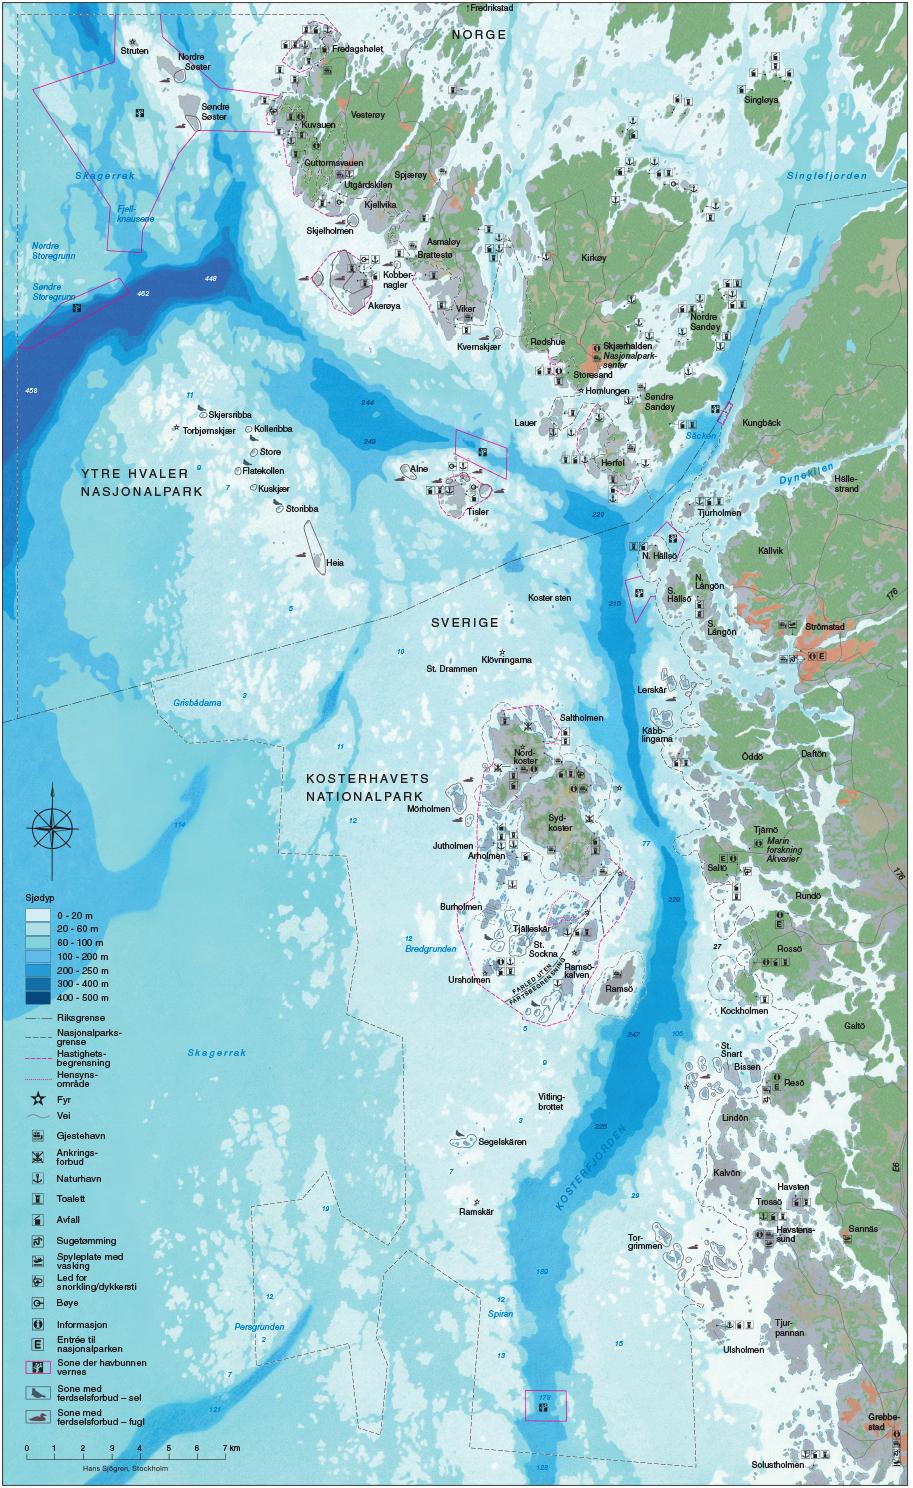 11a0991b HVALER GUIDE VISIT HVALER — Ytre Hvaler Nasjonalpark